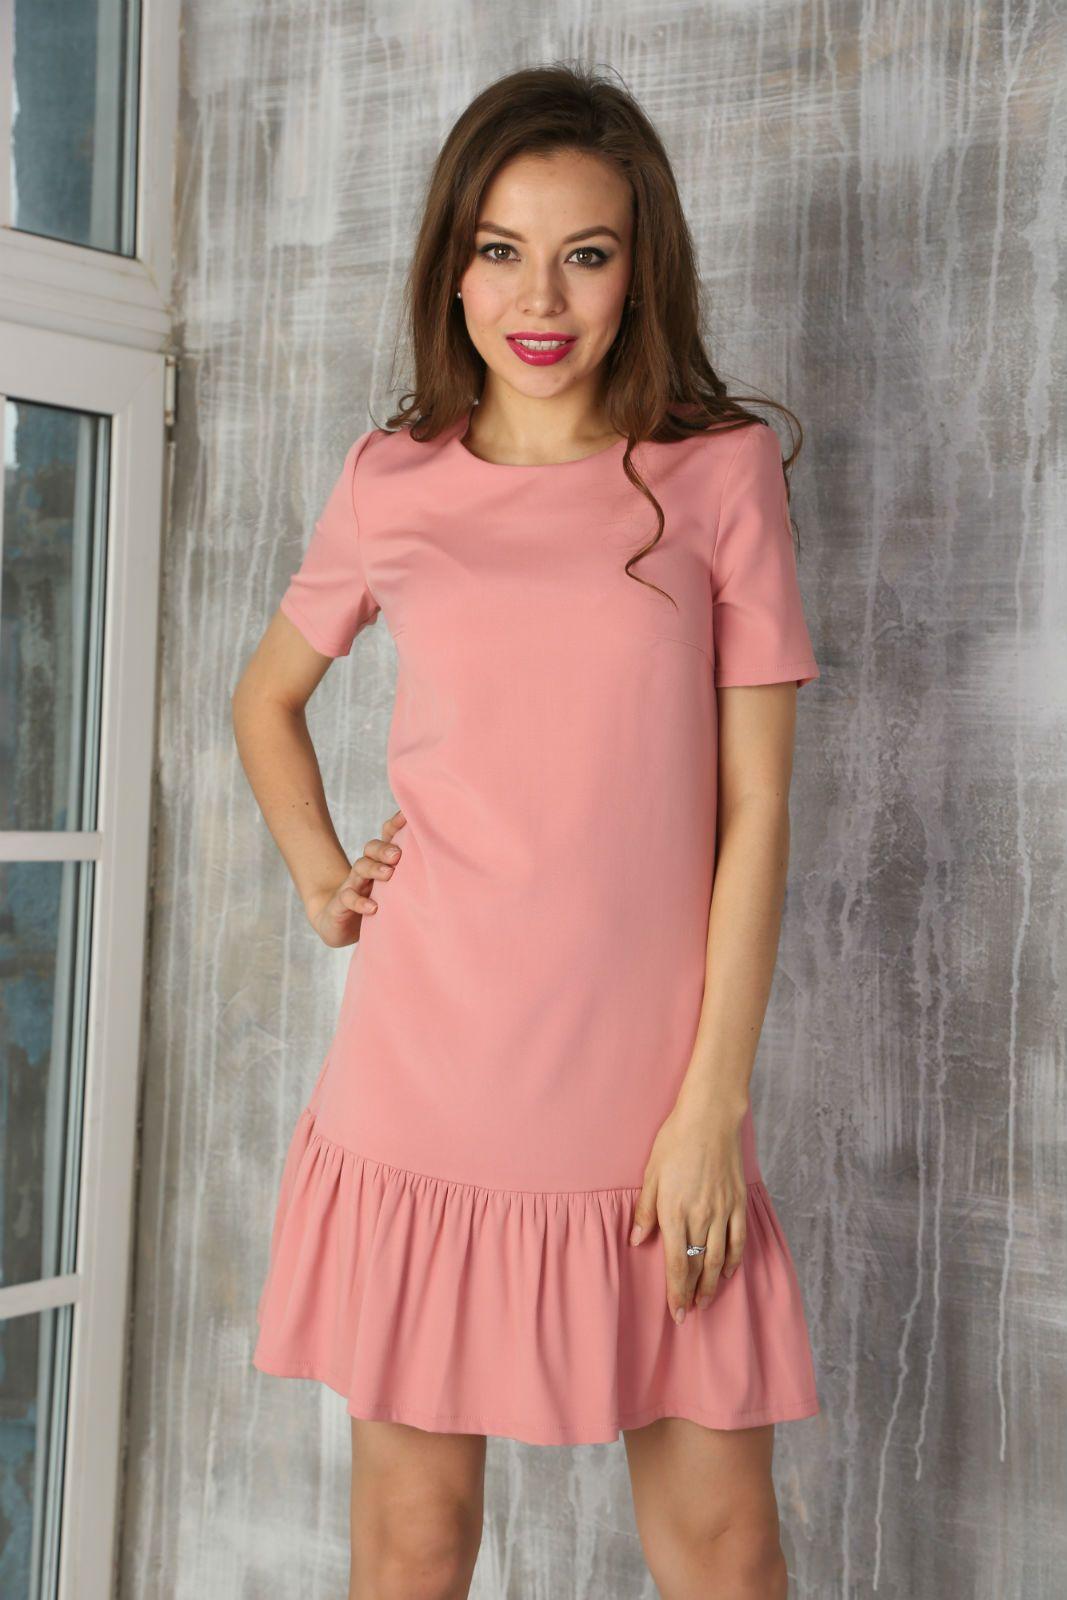 7ac9770c7952 Платье внизу с воланом (80 фото) 2017  с чем носить, широкое, короткое,  длинное, черное, модное